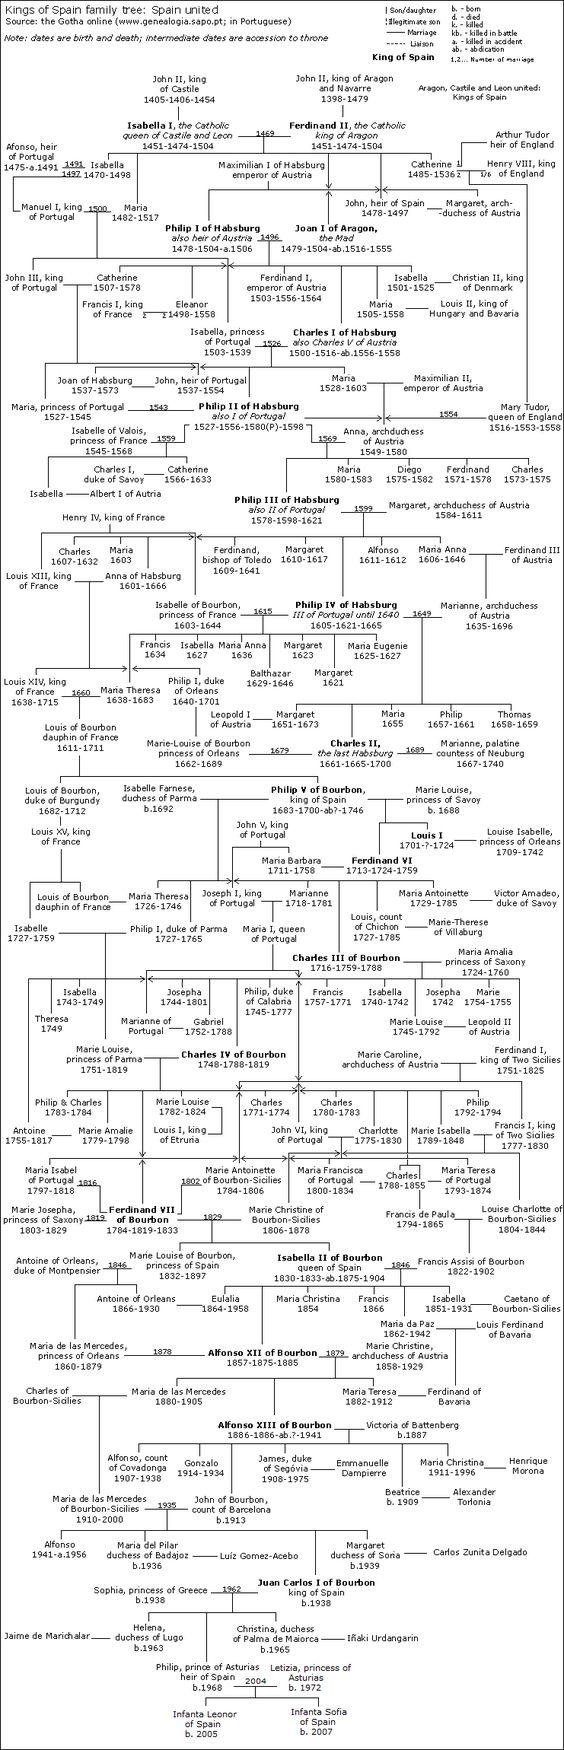 Spain-familytree 3